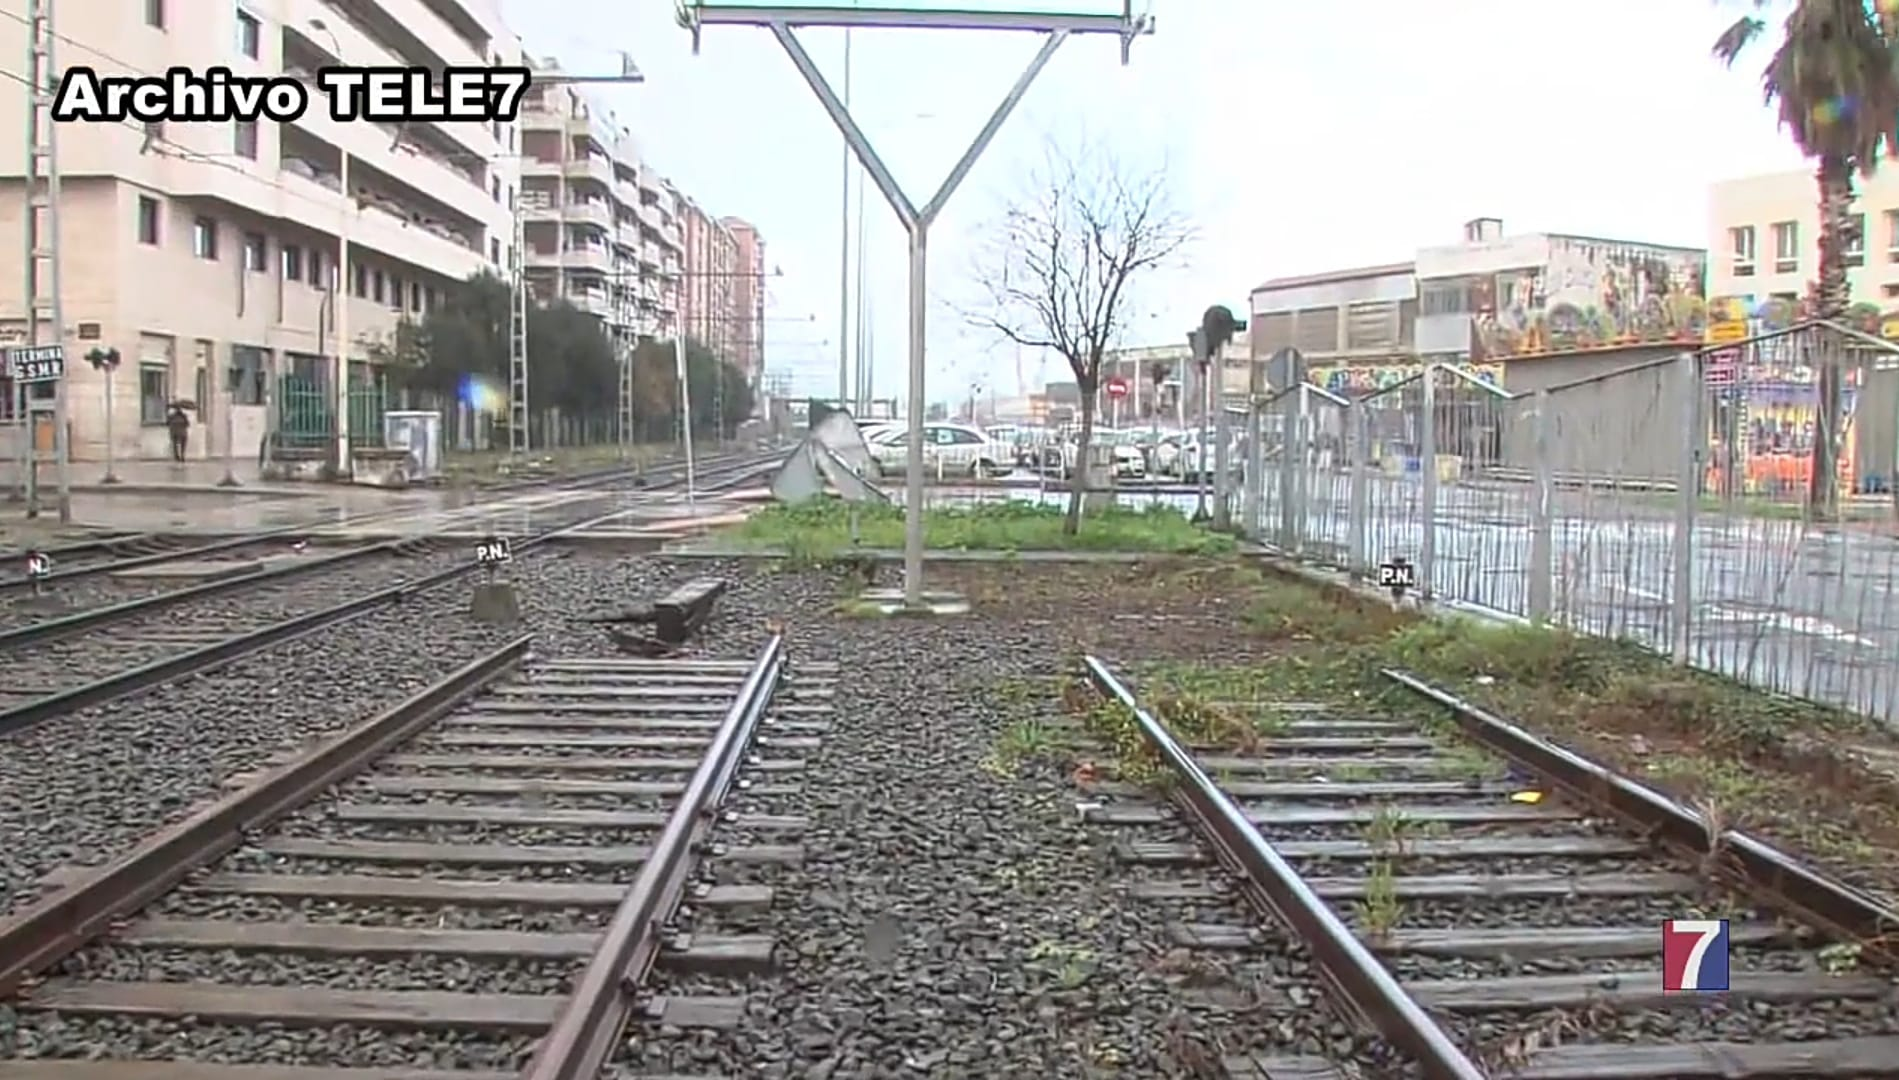 tele7.tv